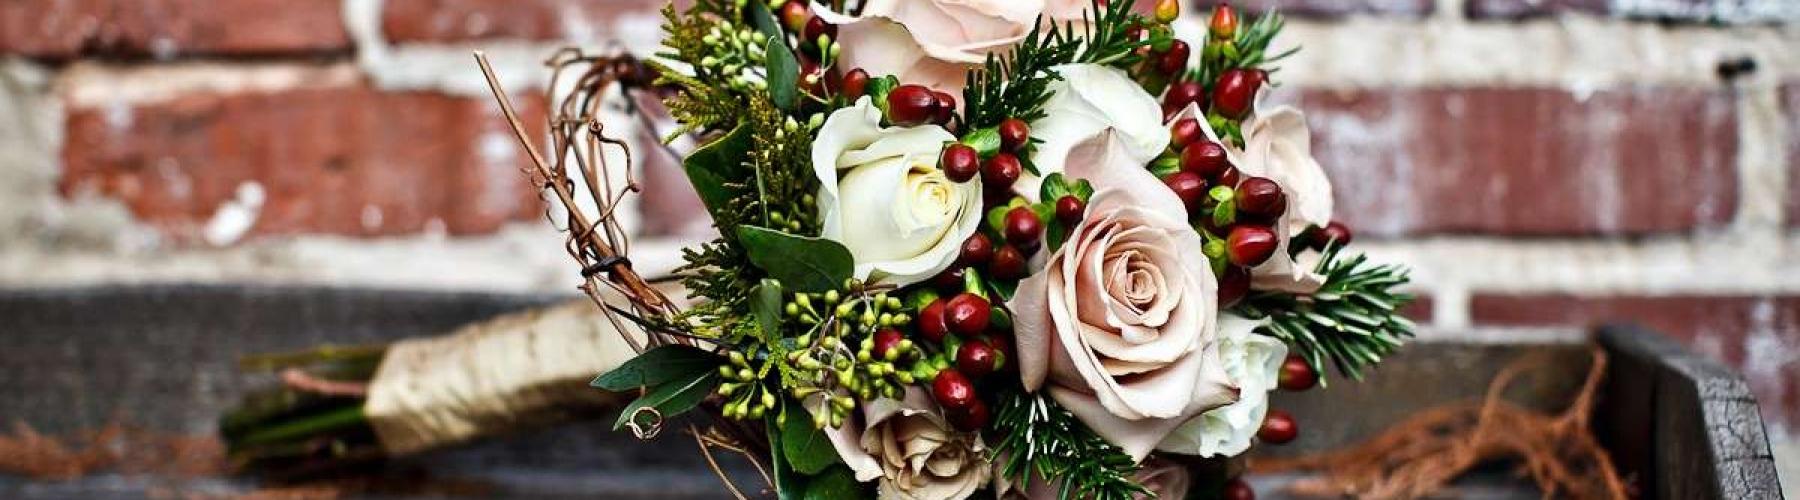 bouquet-per-matrimonio-in-inverno-con-fiori-misti